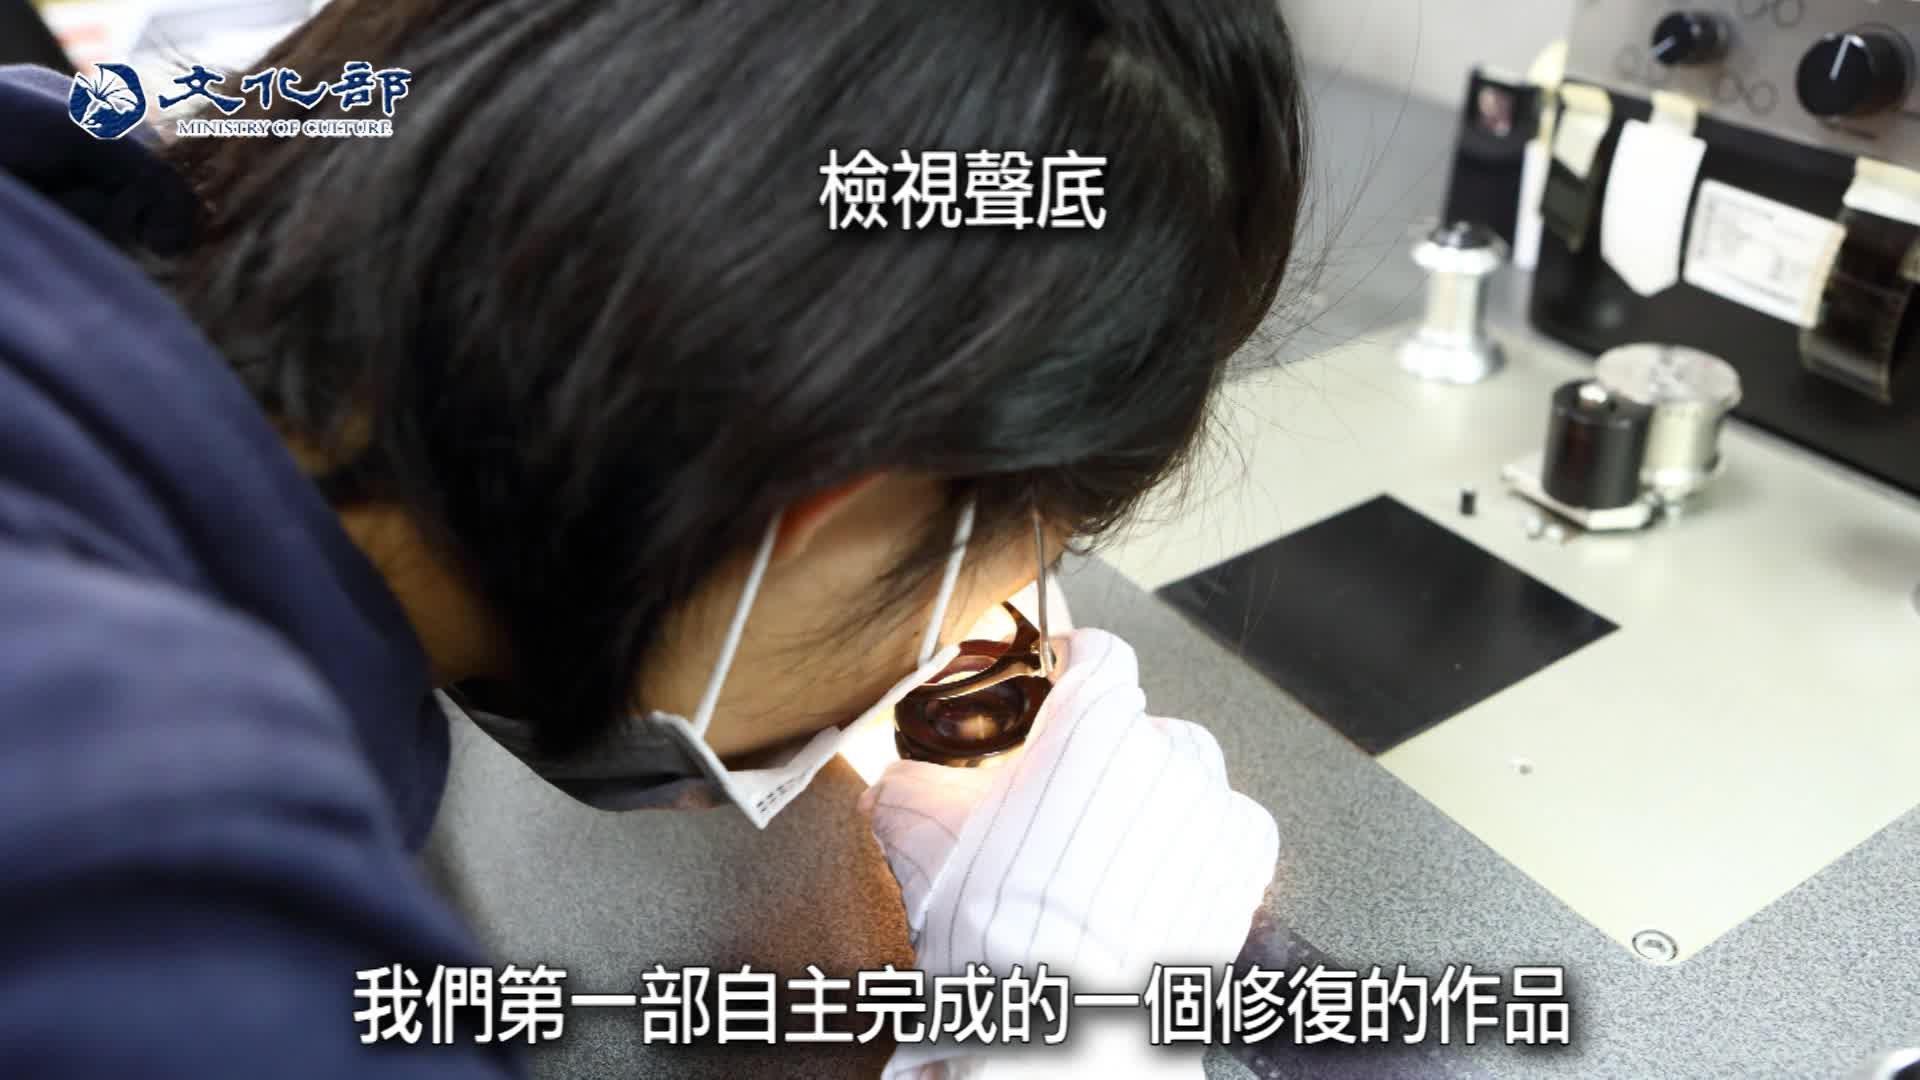 麗君部長說:重現影像讓世界看見臺灣文化!